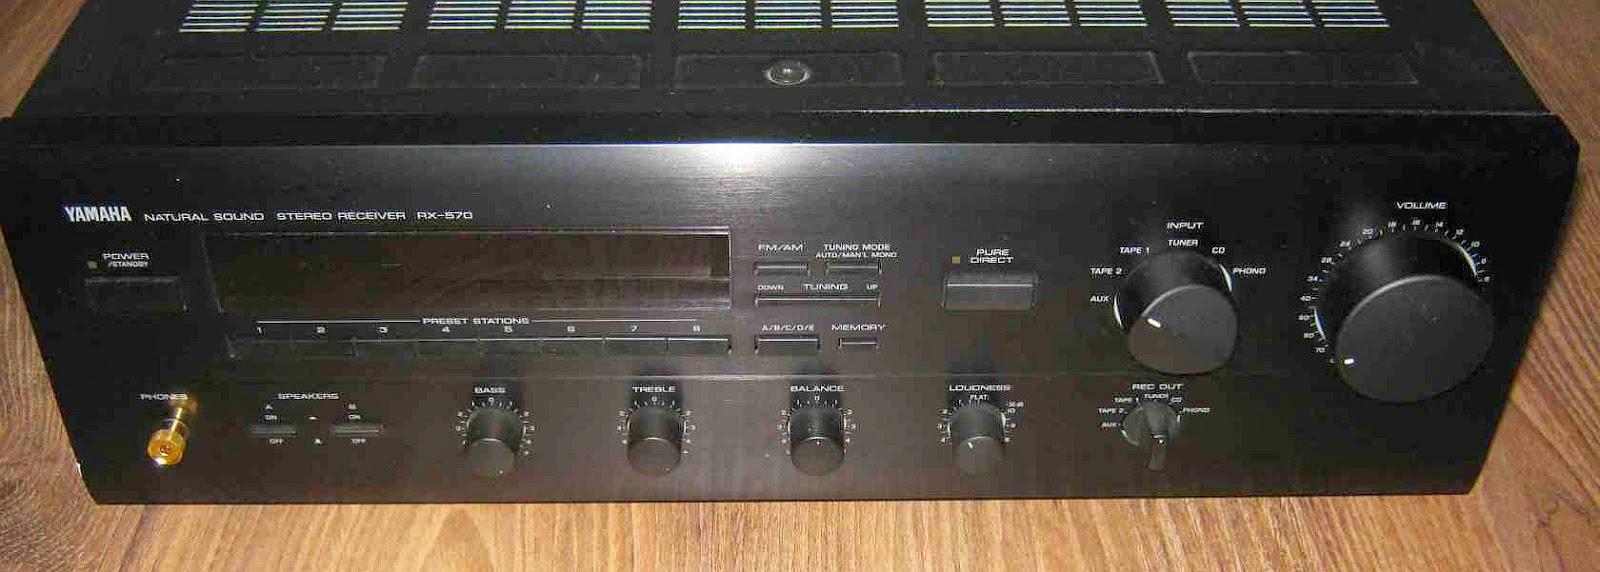 yamaha rx 750 receiver manual